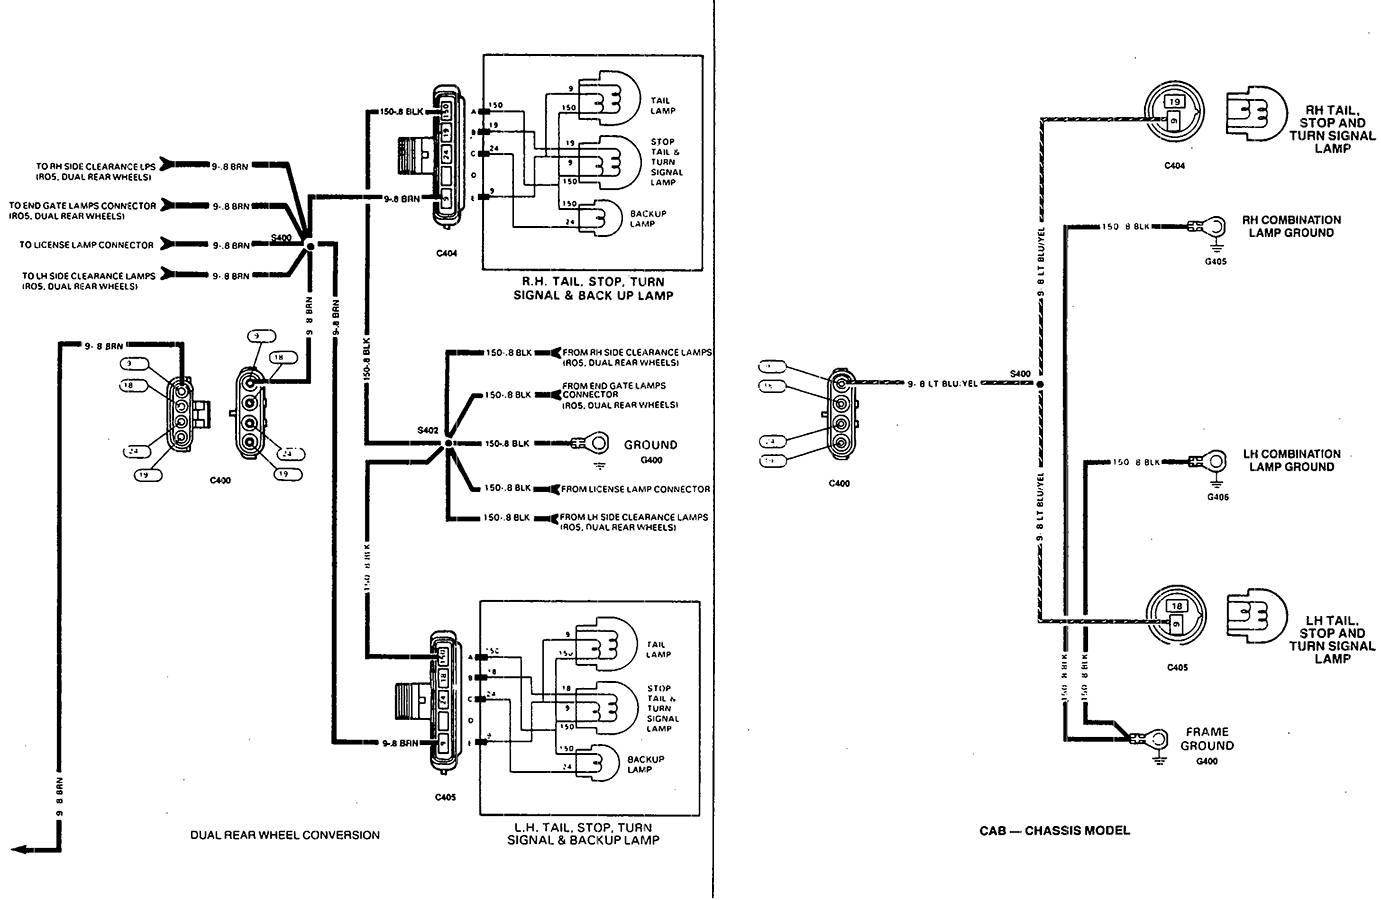 2001 Chevrolet Silverado Trailer Wiring Diagram